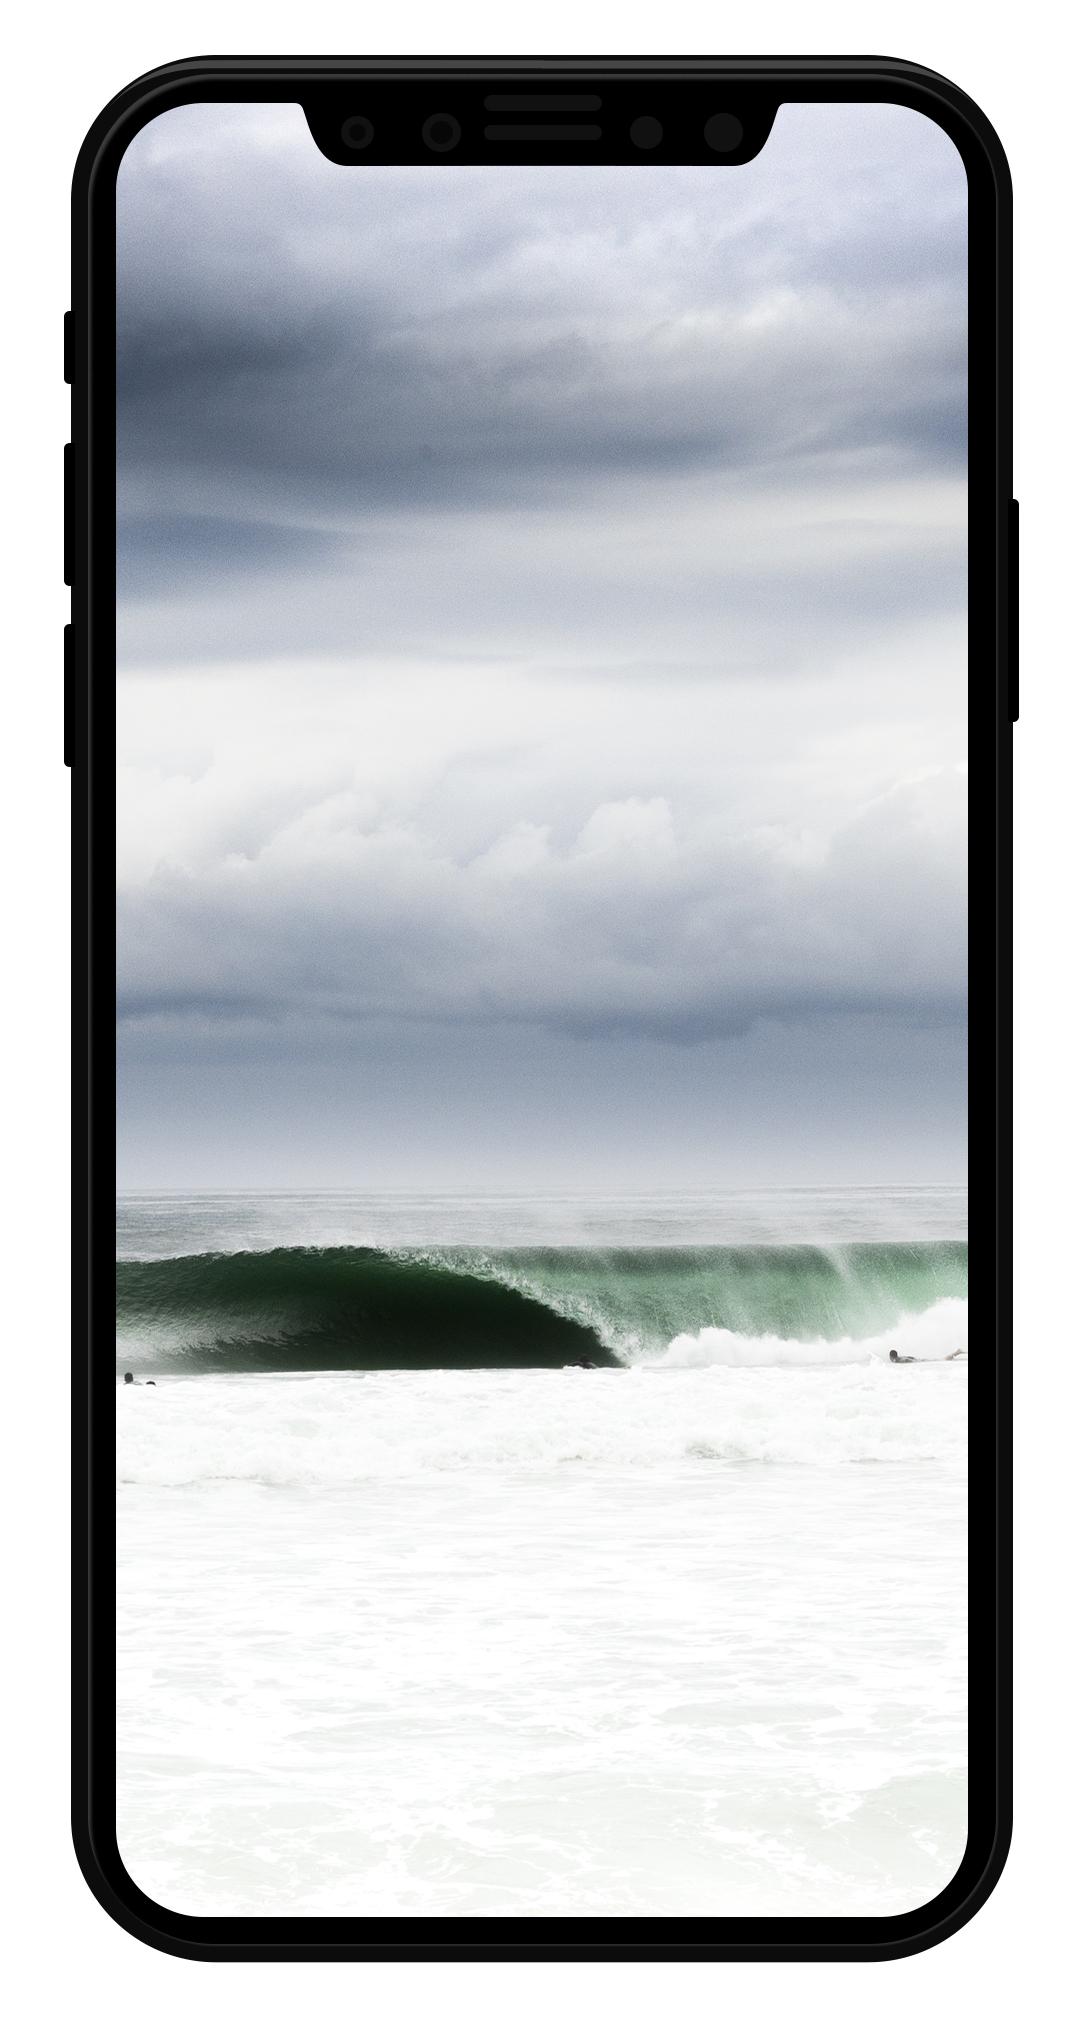 iphone-8-mockupjjjdownloadable.jpg